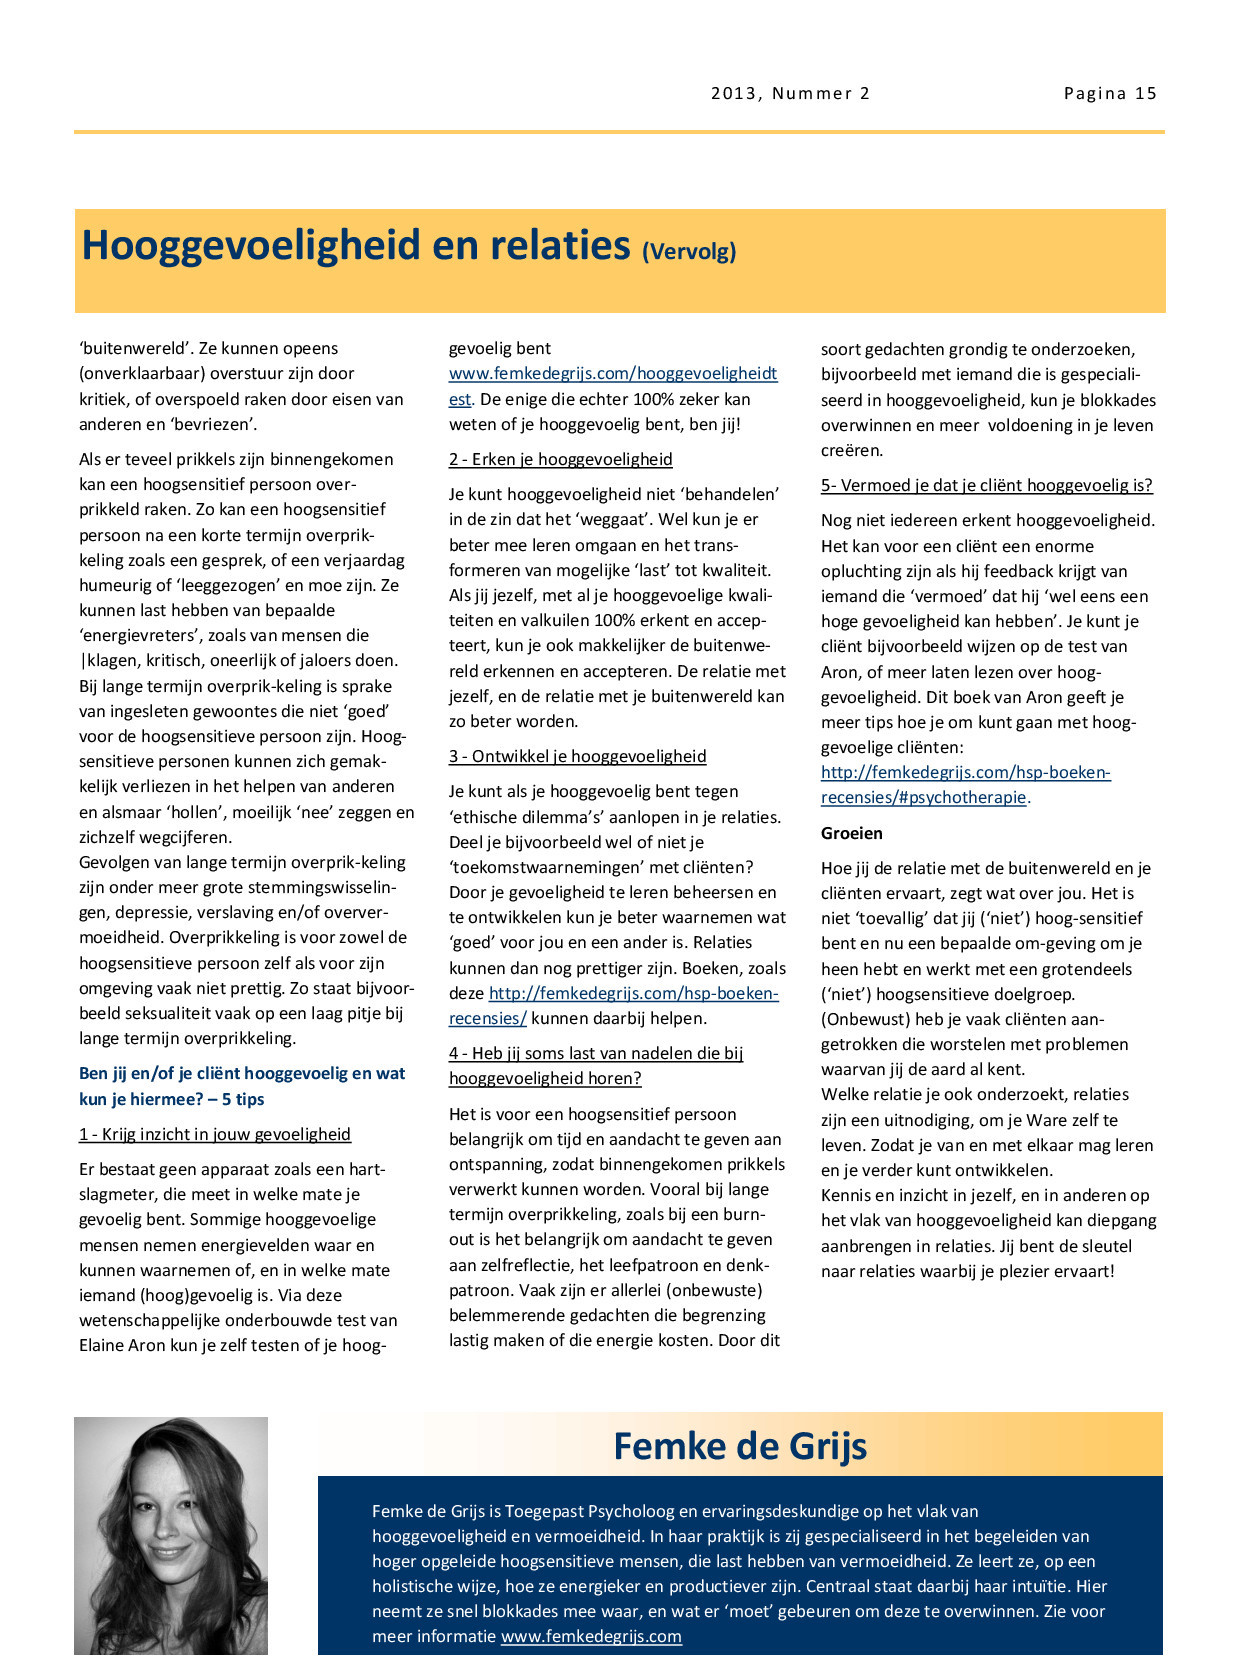 online magazine NBTP thema relaties: over hooggevoeligheid en relaties door Femke de Grijs blz. 2